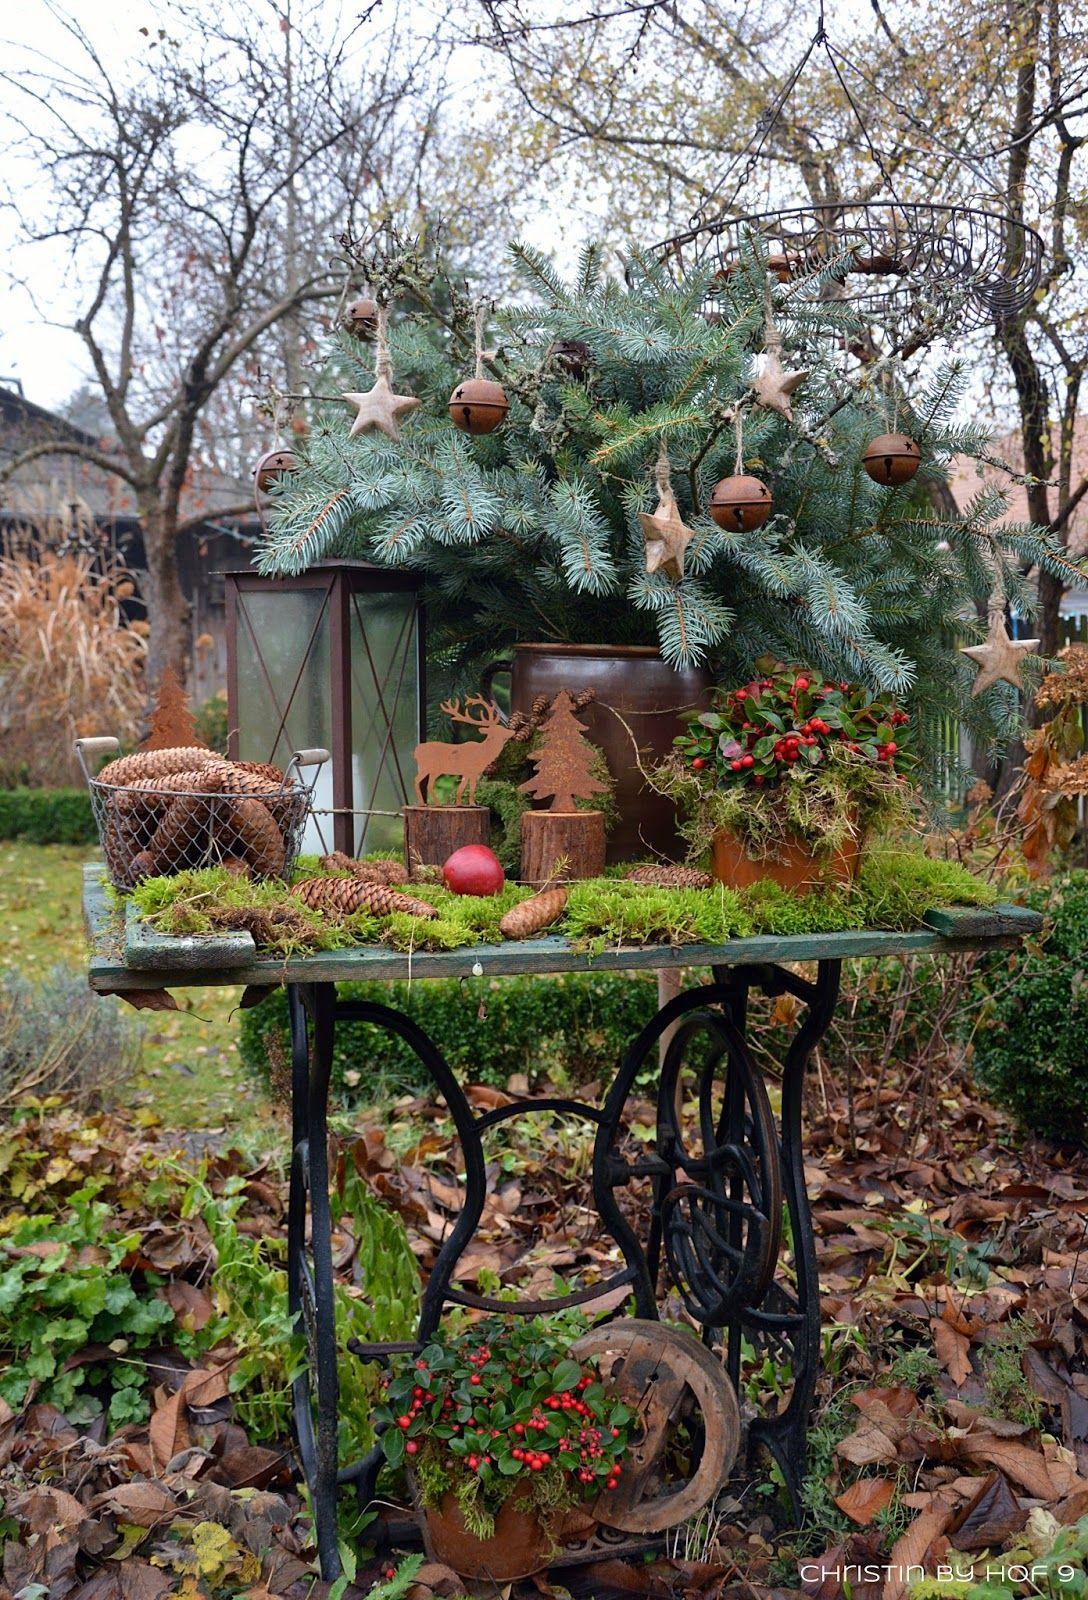 Quaste aus kiefernadeln nat rliche gartendeko im winter for Gartenbeet deko